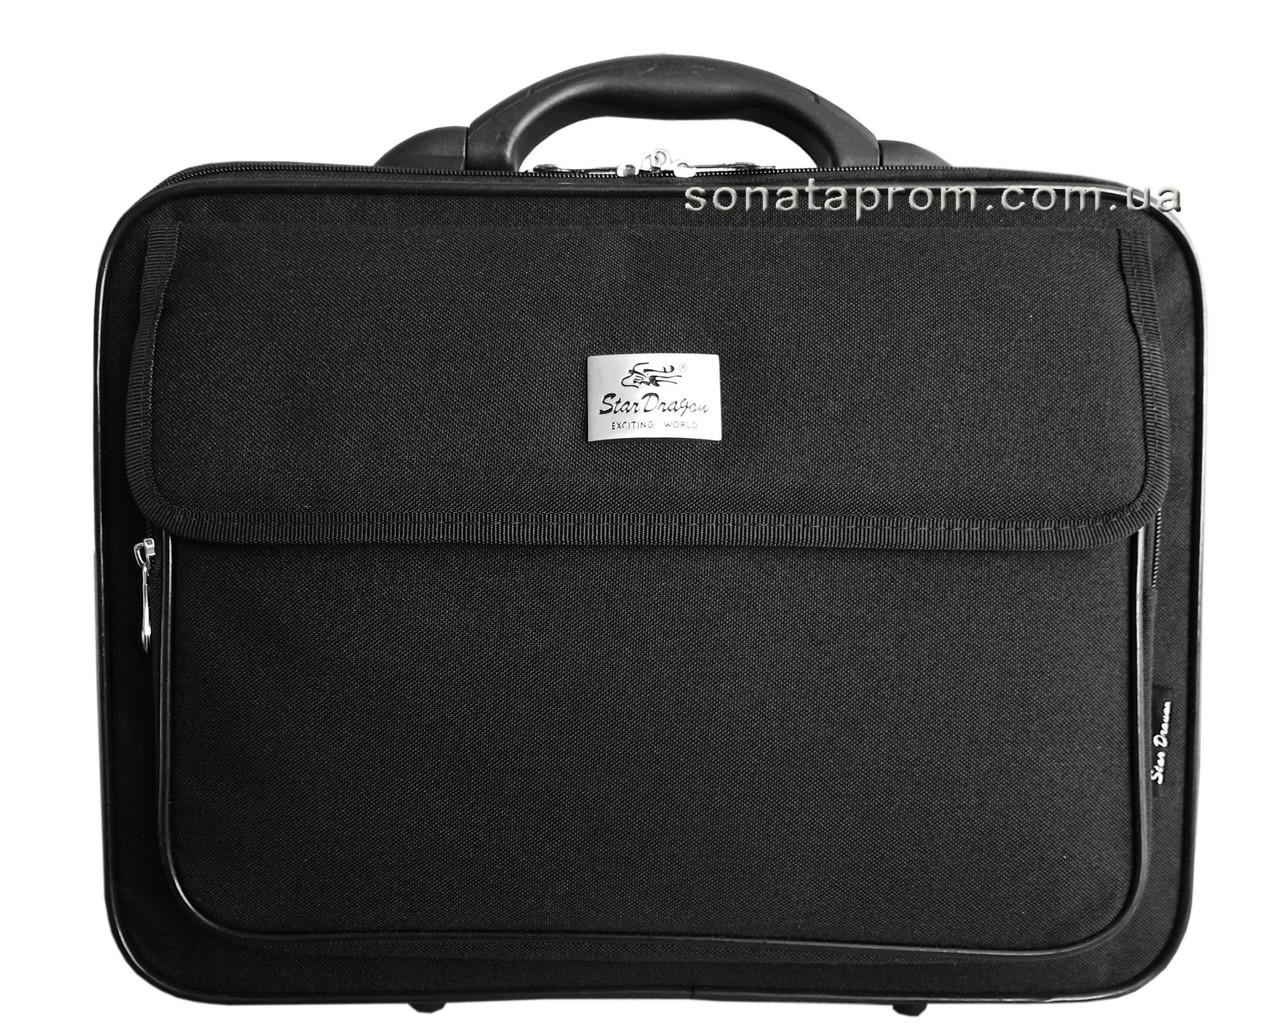 Купить сумку к чемодану чемоданы баудет со скидкой